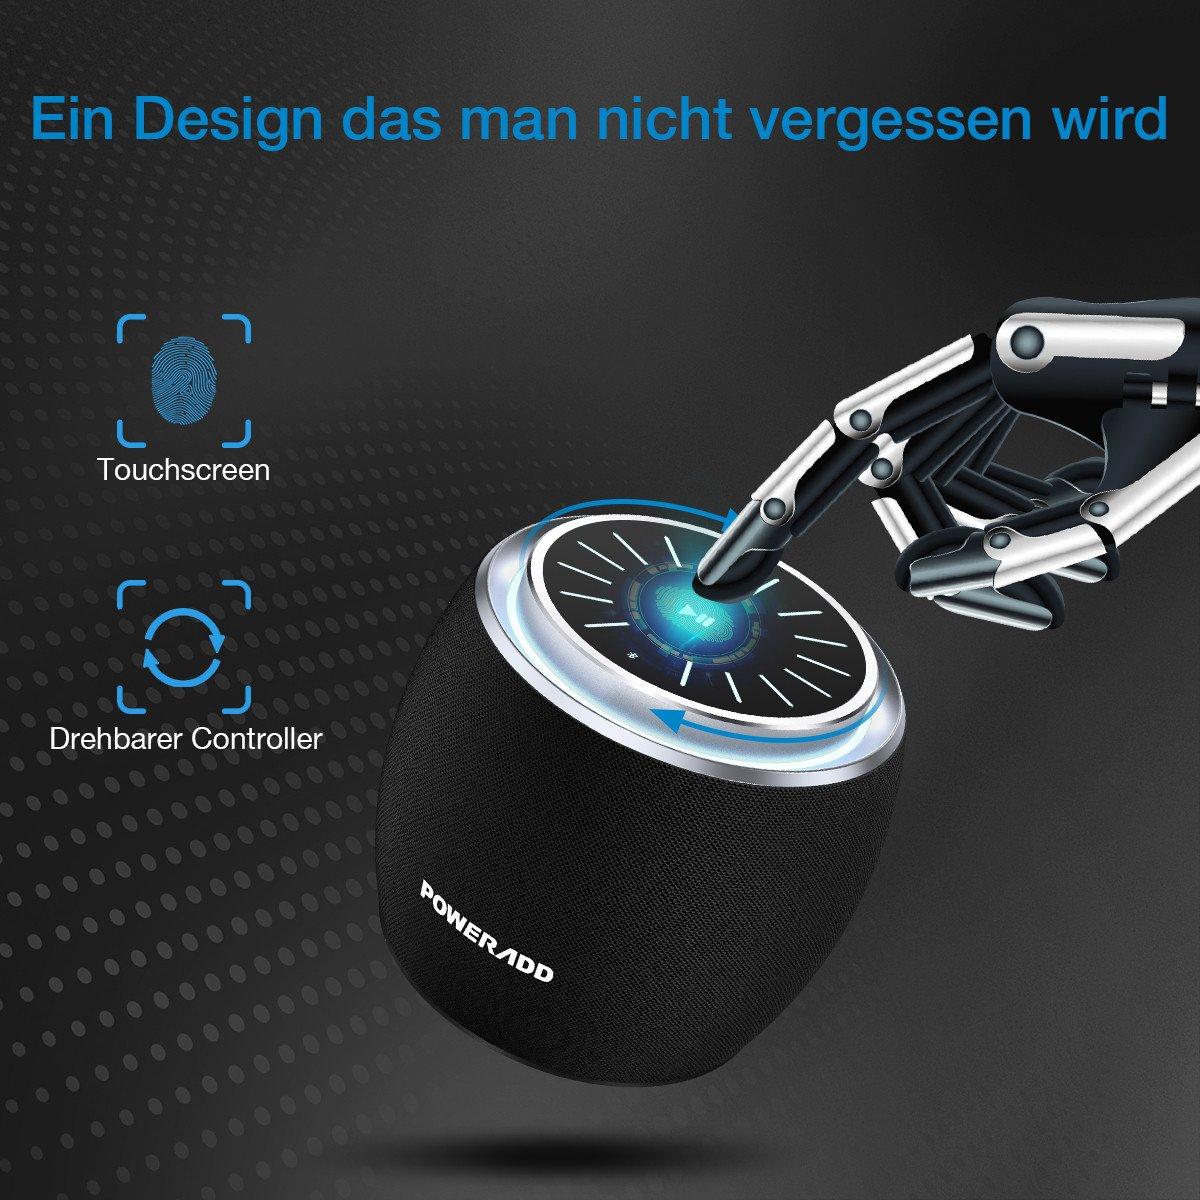 POWERADD Mobiler Bluetooth Lautsprecher, Musikbox mit robustem Bass und LED-Licht, Neueste Bluetooth Version 4.2 und 10 Stunden Spielzeit, viel Spaß in- und außerhalb des Zuhauses, Ideal beim Reisen, Sportmachen und Autofahren, schöne Musik